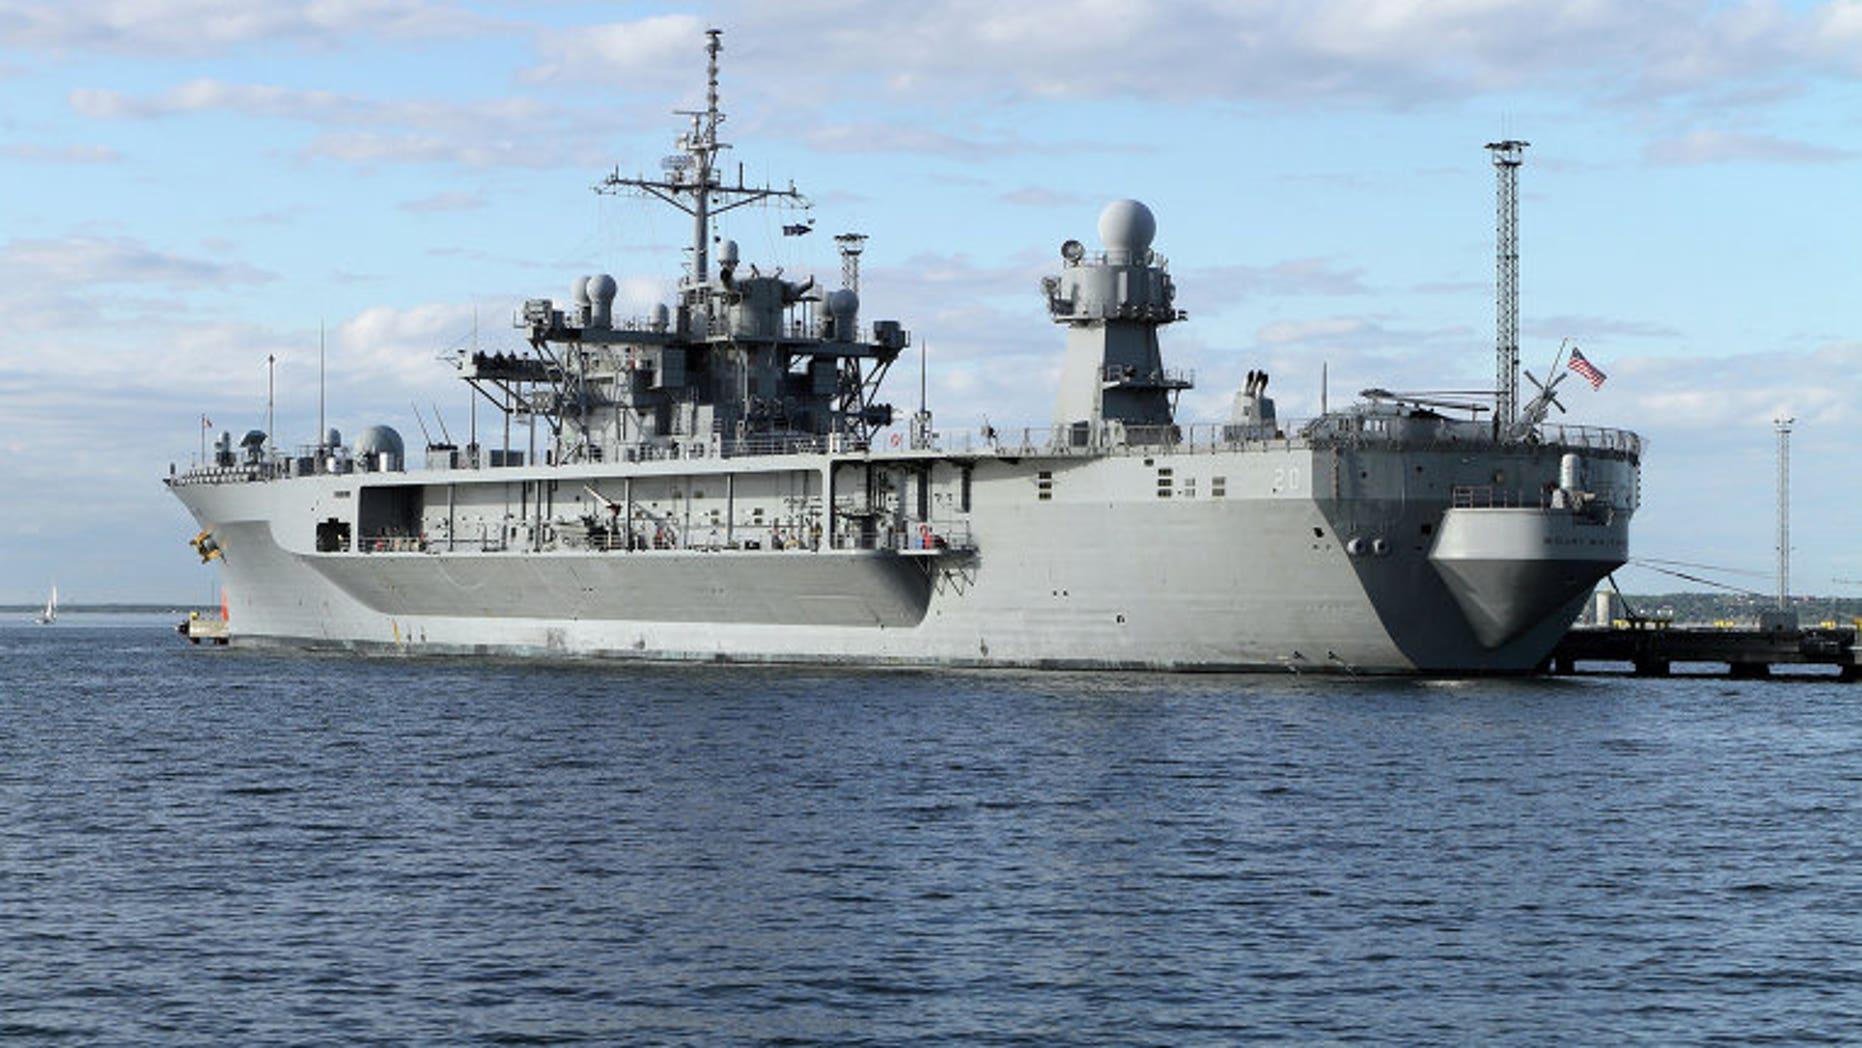 USS Mount Whitney at the port of Tallinn, Estonia on June 5.